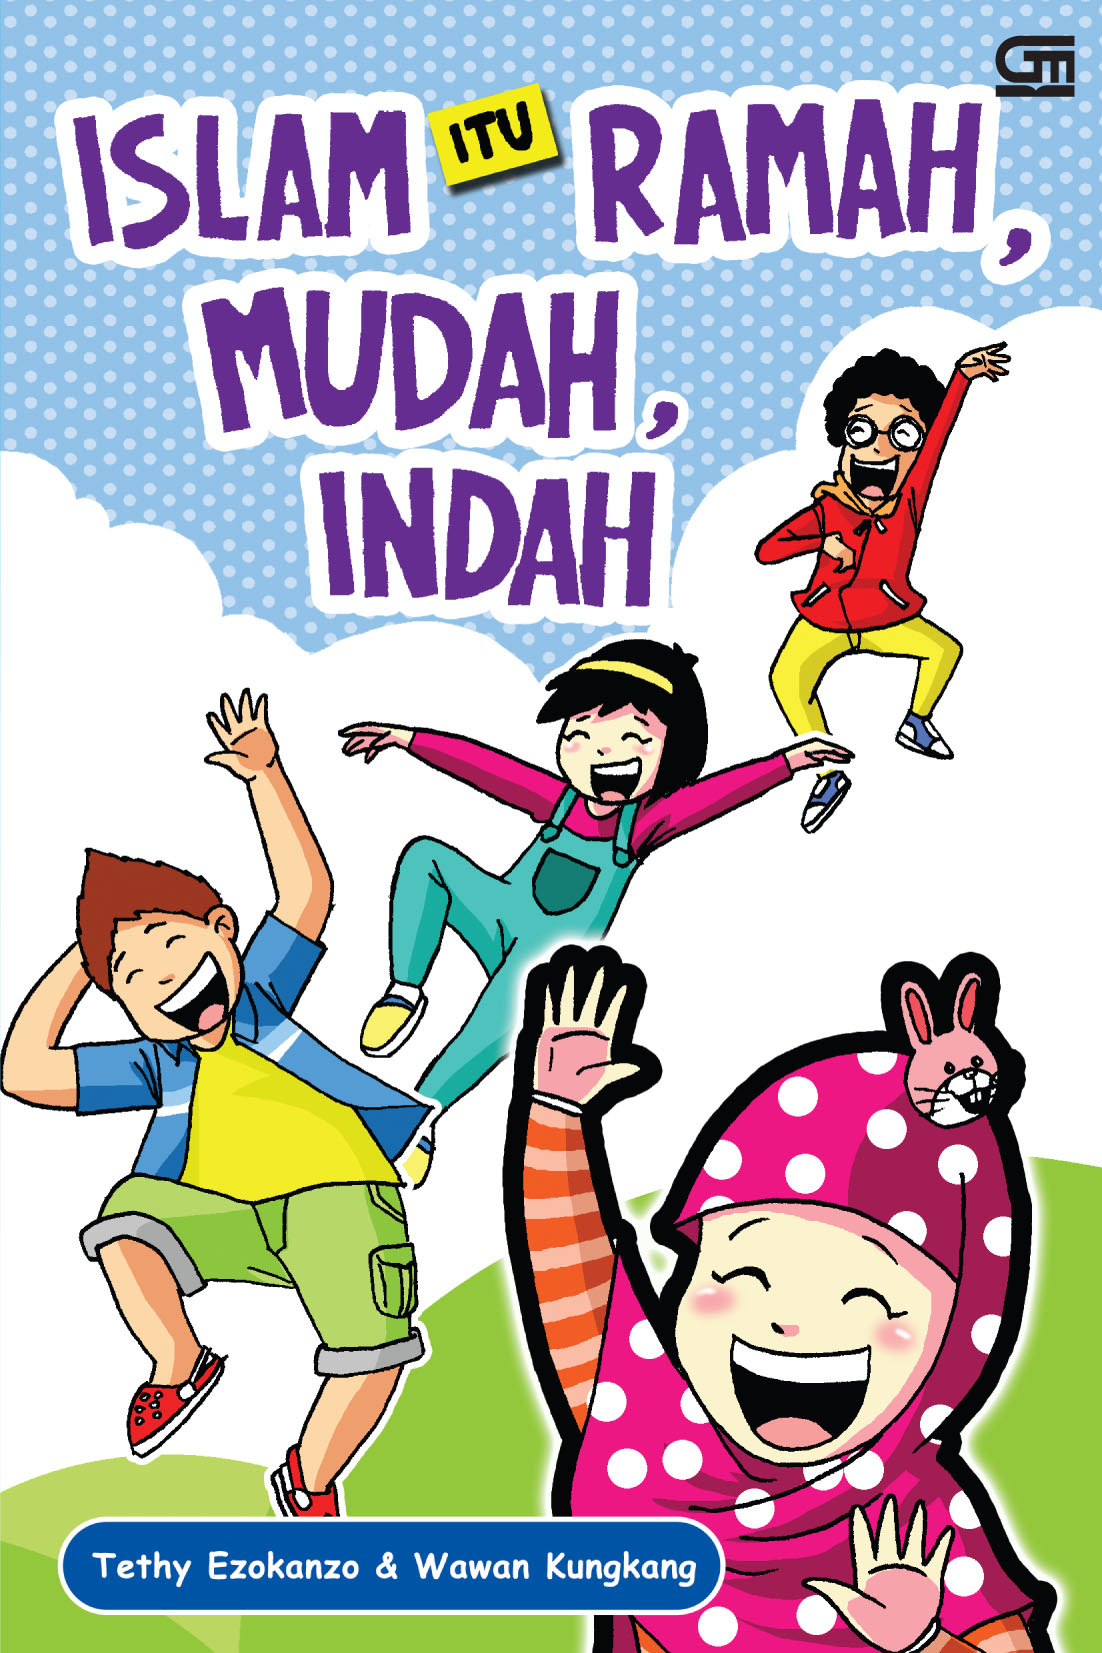 Islam itu Ramah, Mudah, Indah (Rev. Cover)